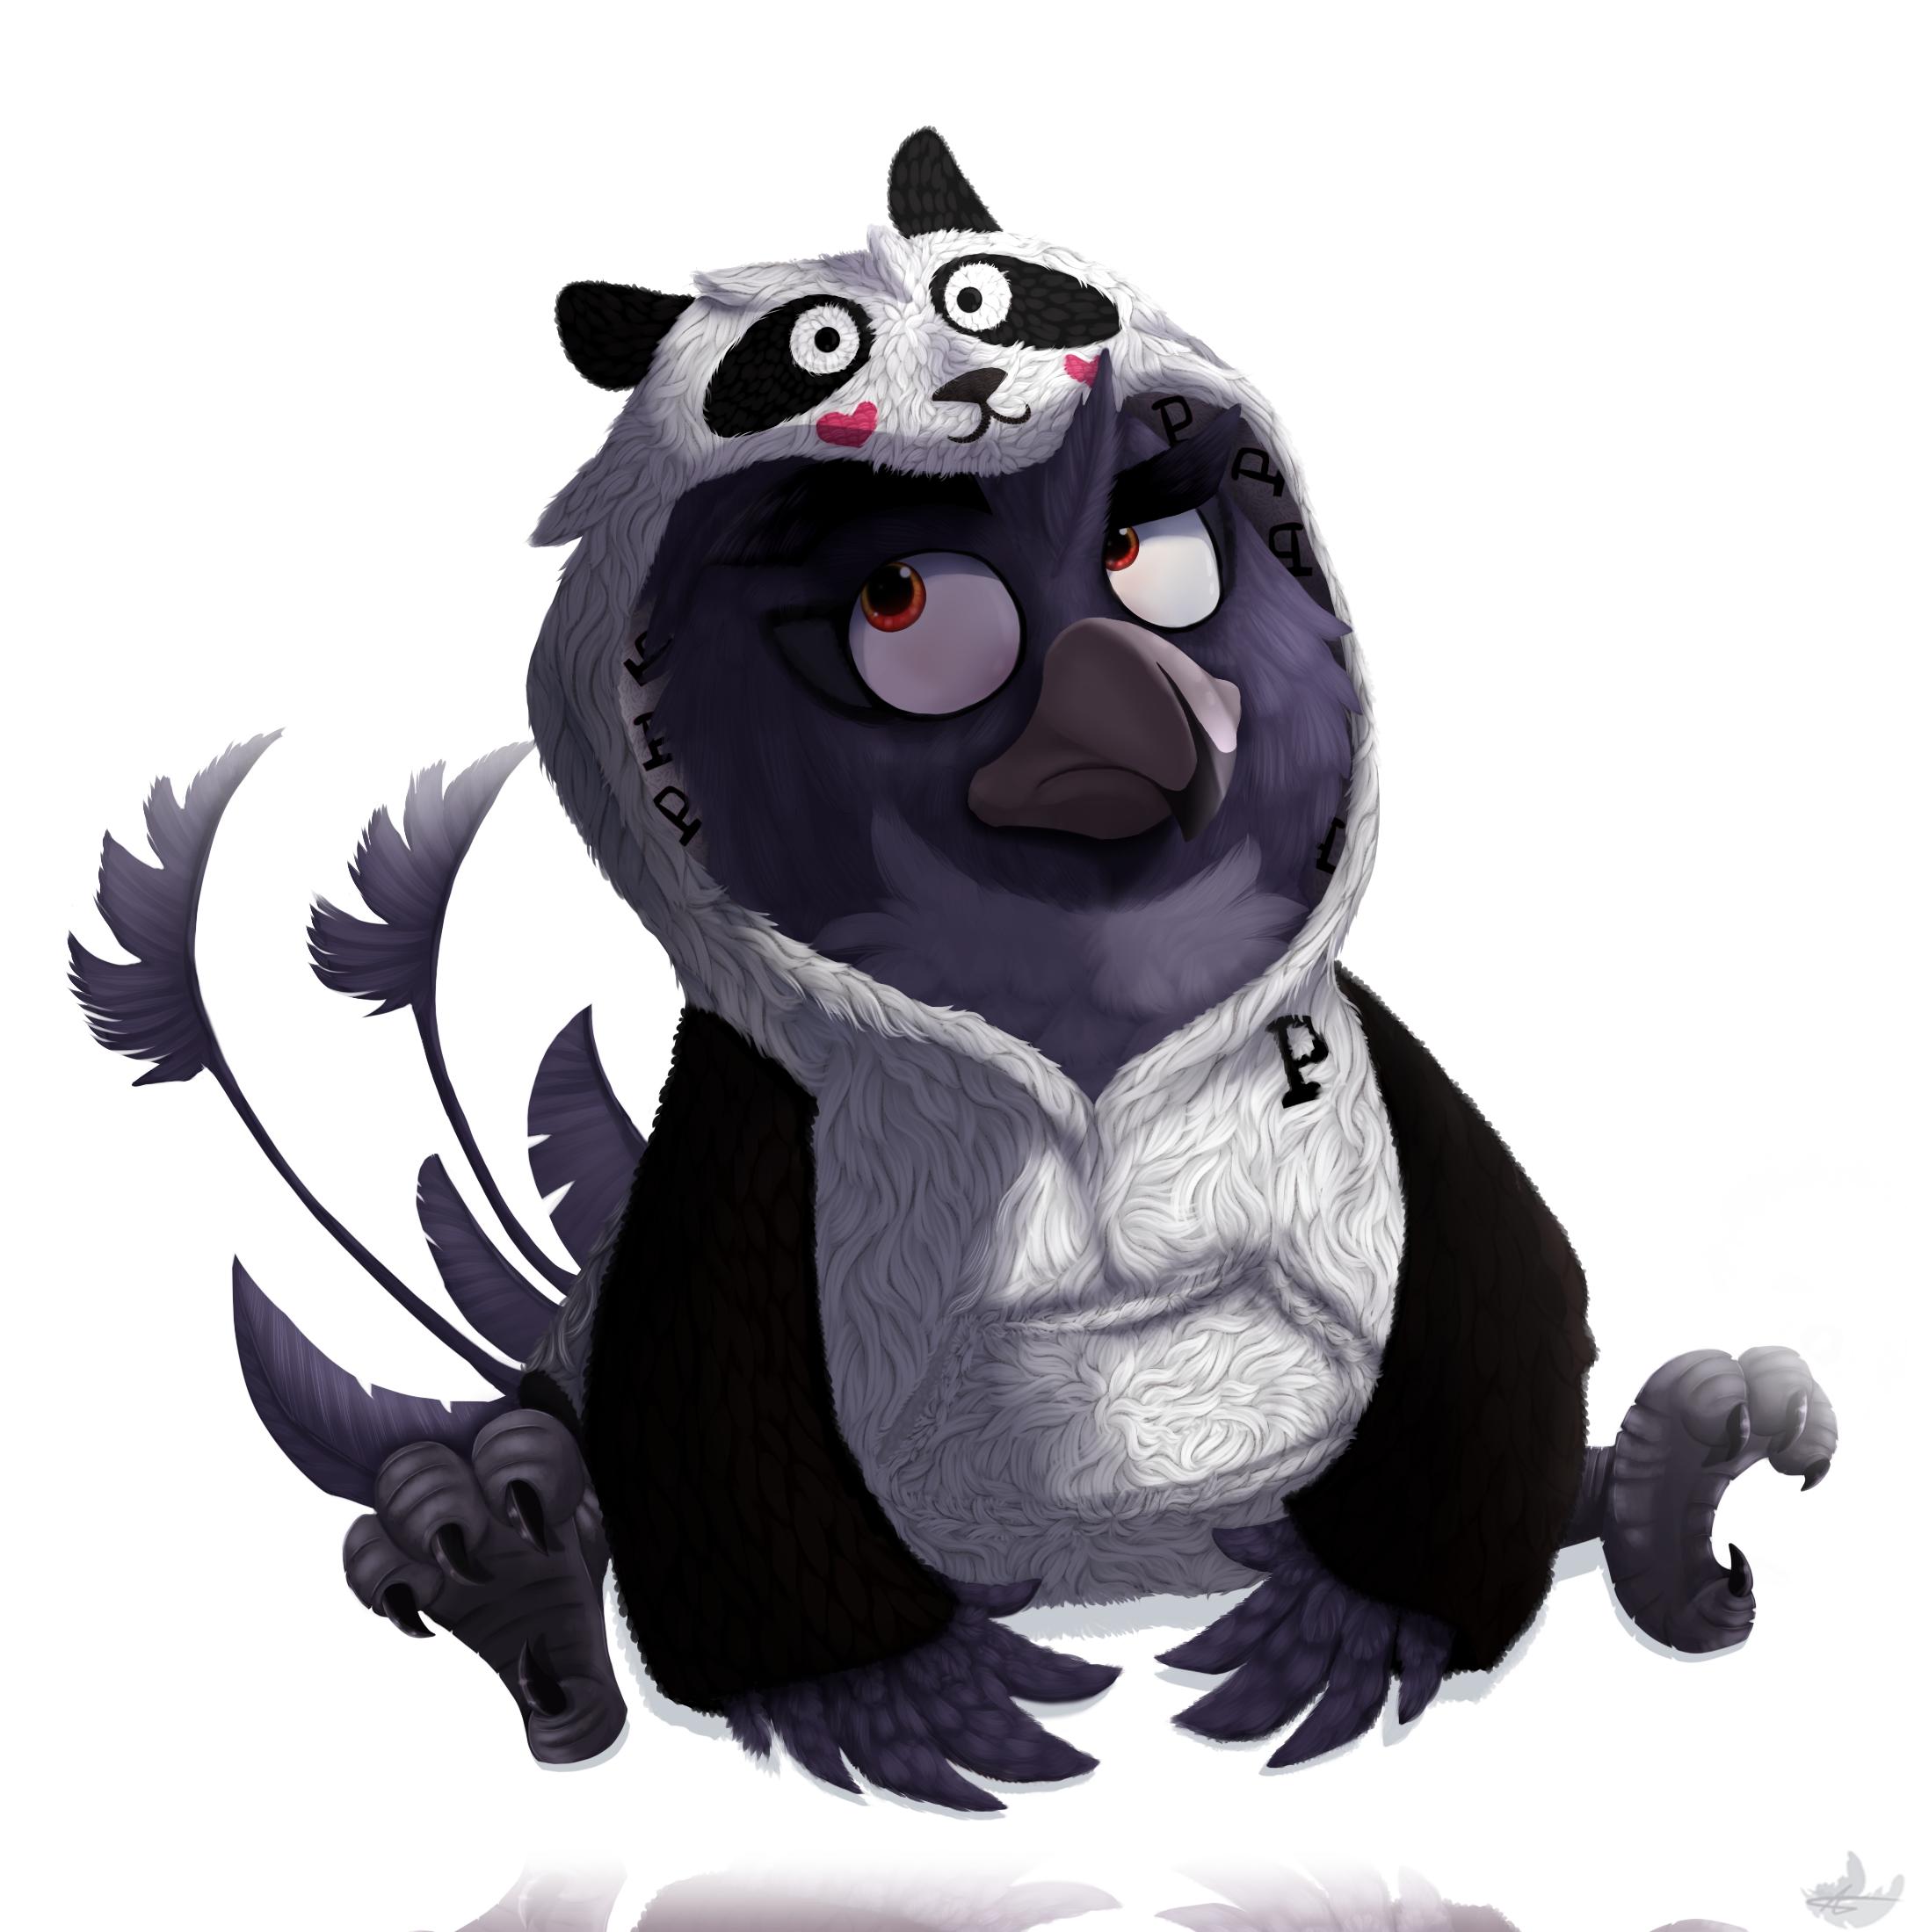 .:Sweet Panda:. by xXLegendary-FuryXx